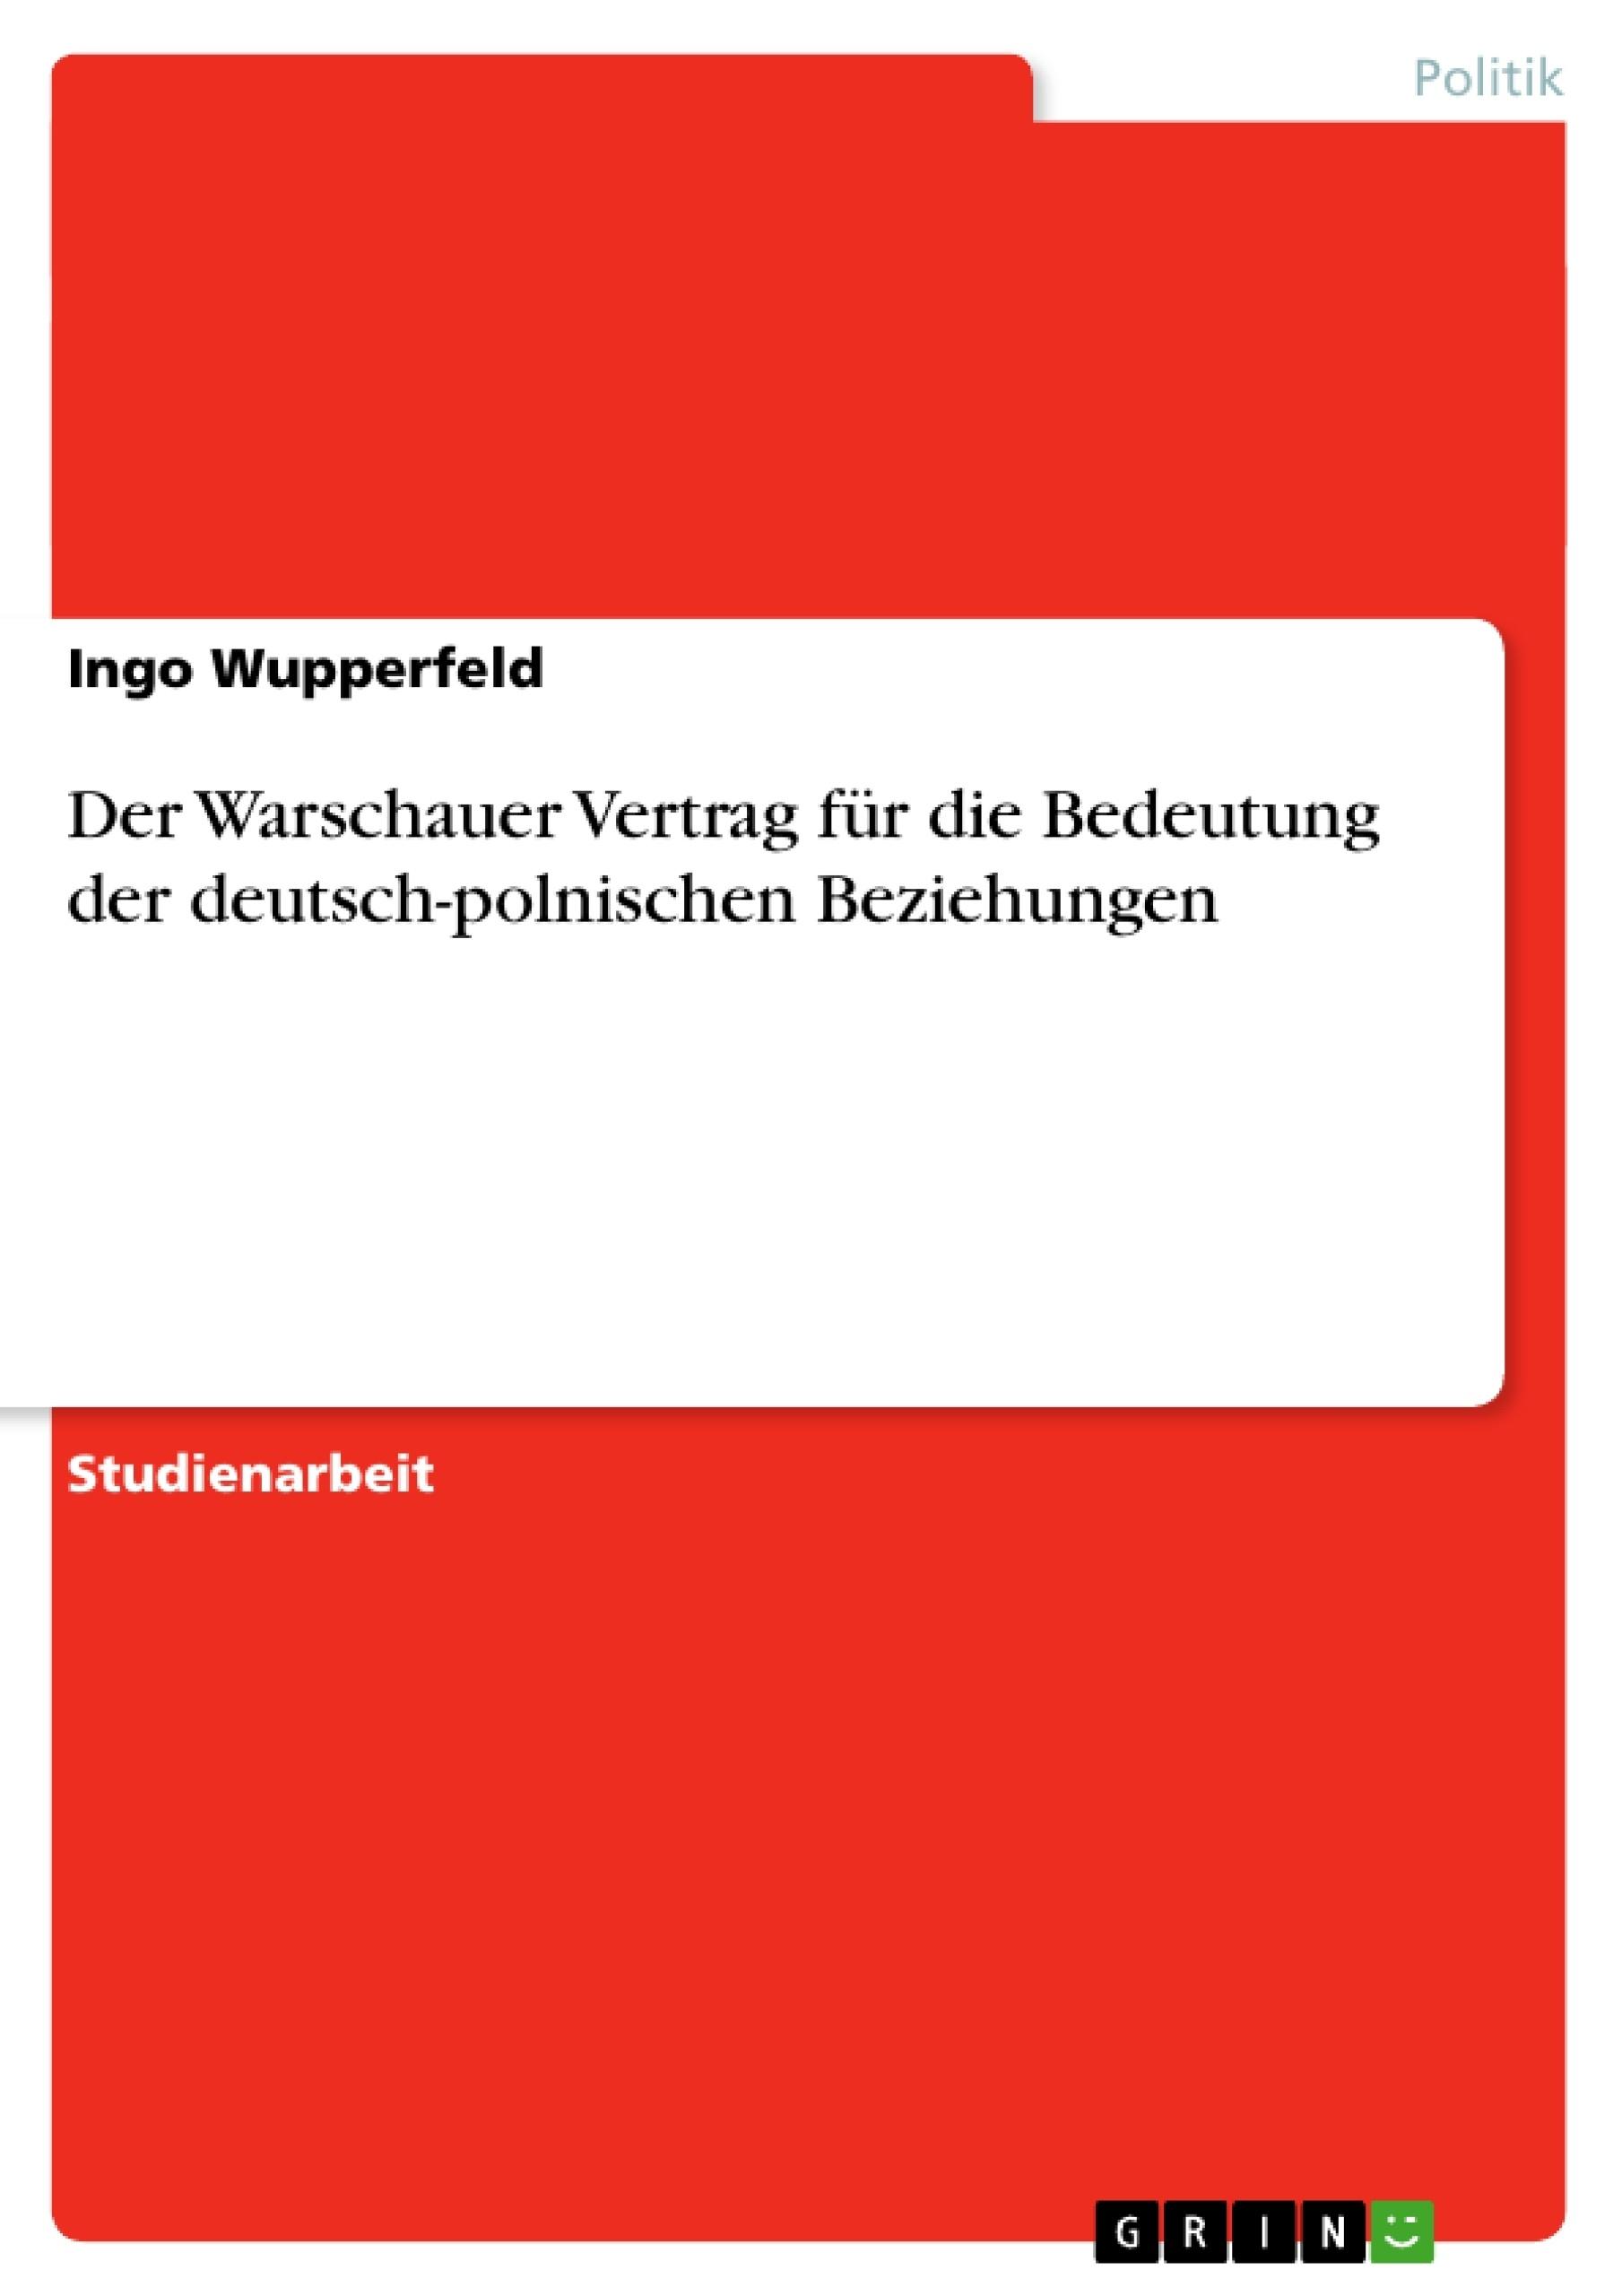 Titel: Der Warschauer Vertrag für die Bedeutung der deutsch-polnischen Beziehungen